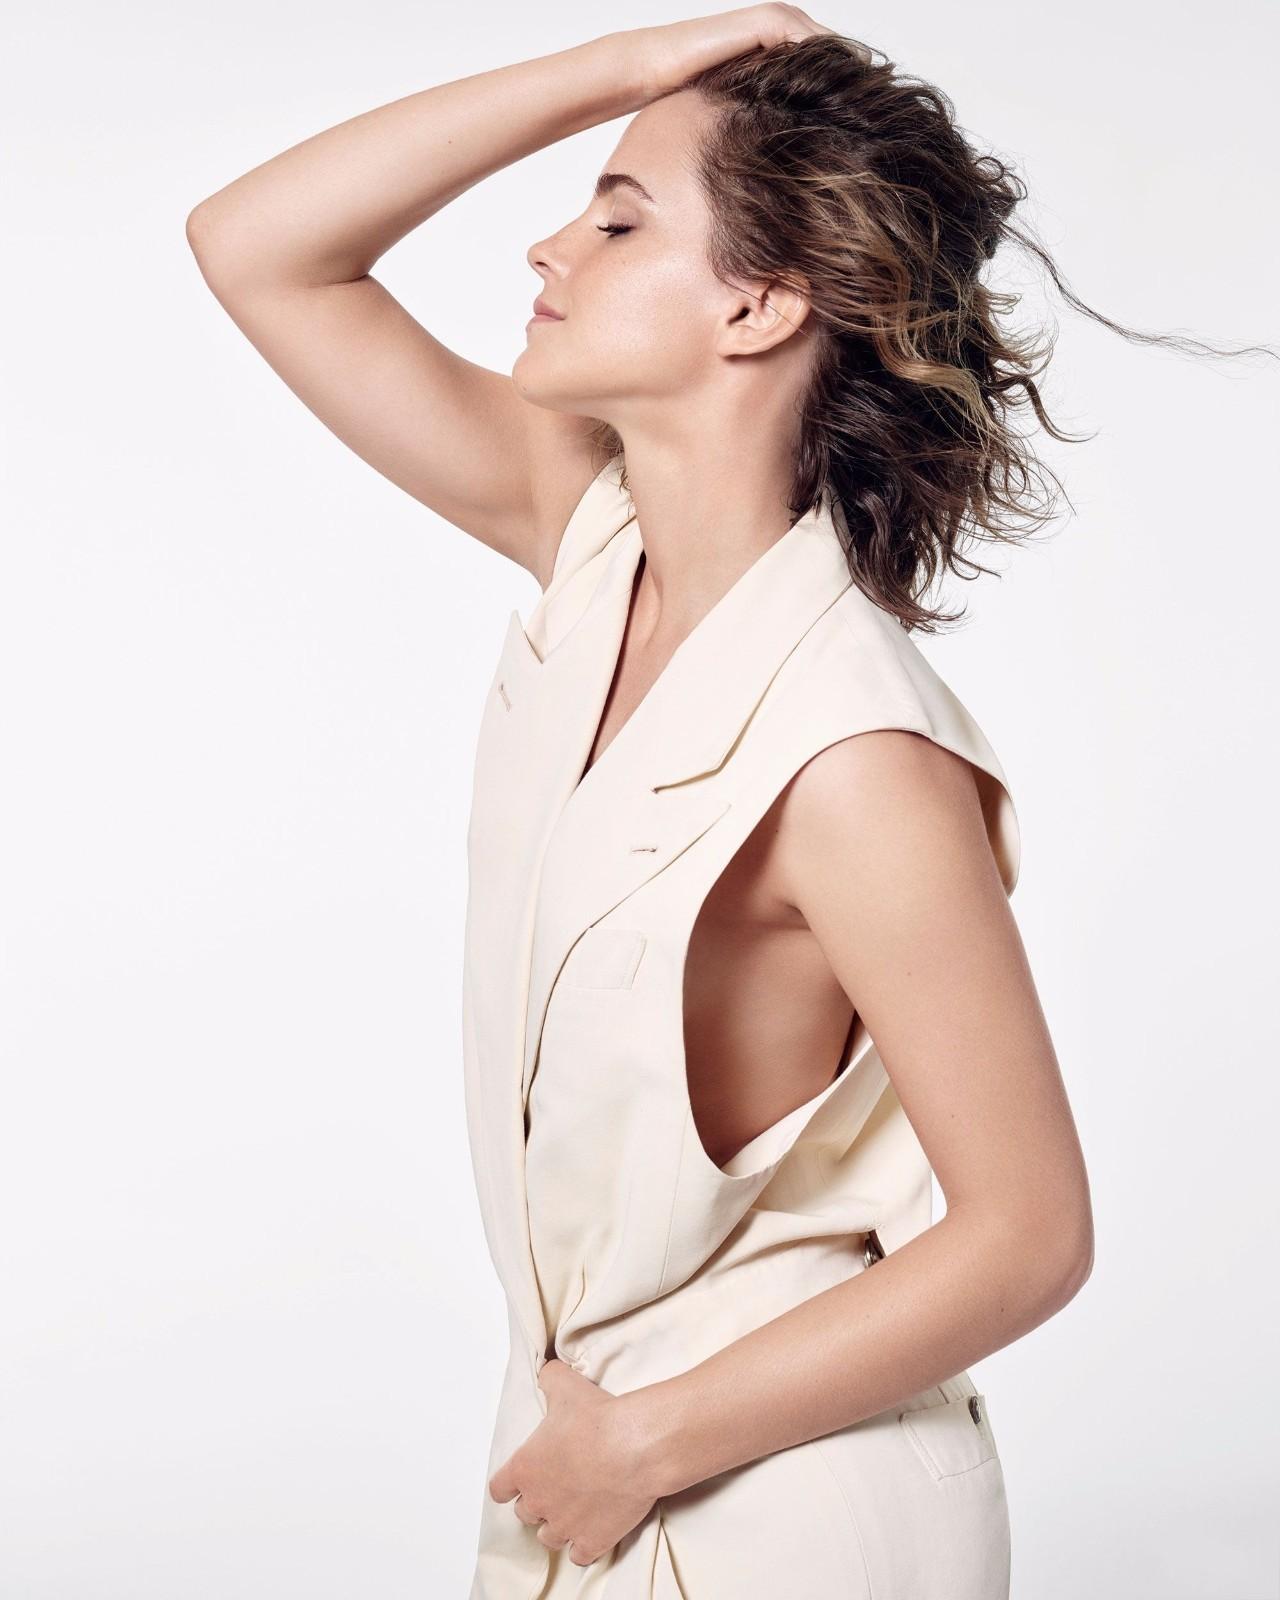 mode équitable par Emma Watson